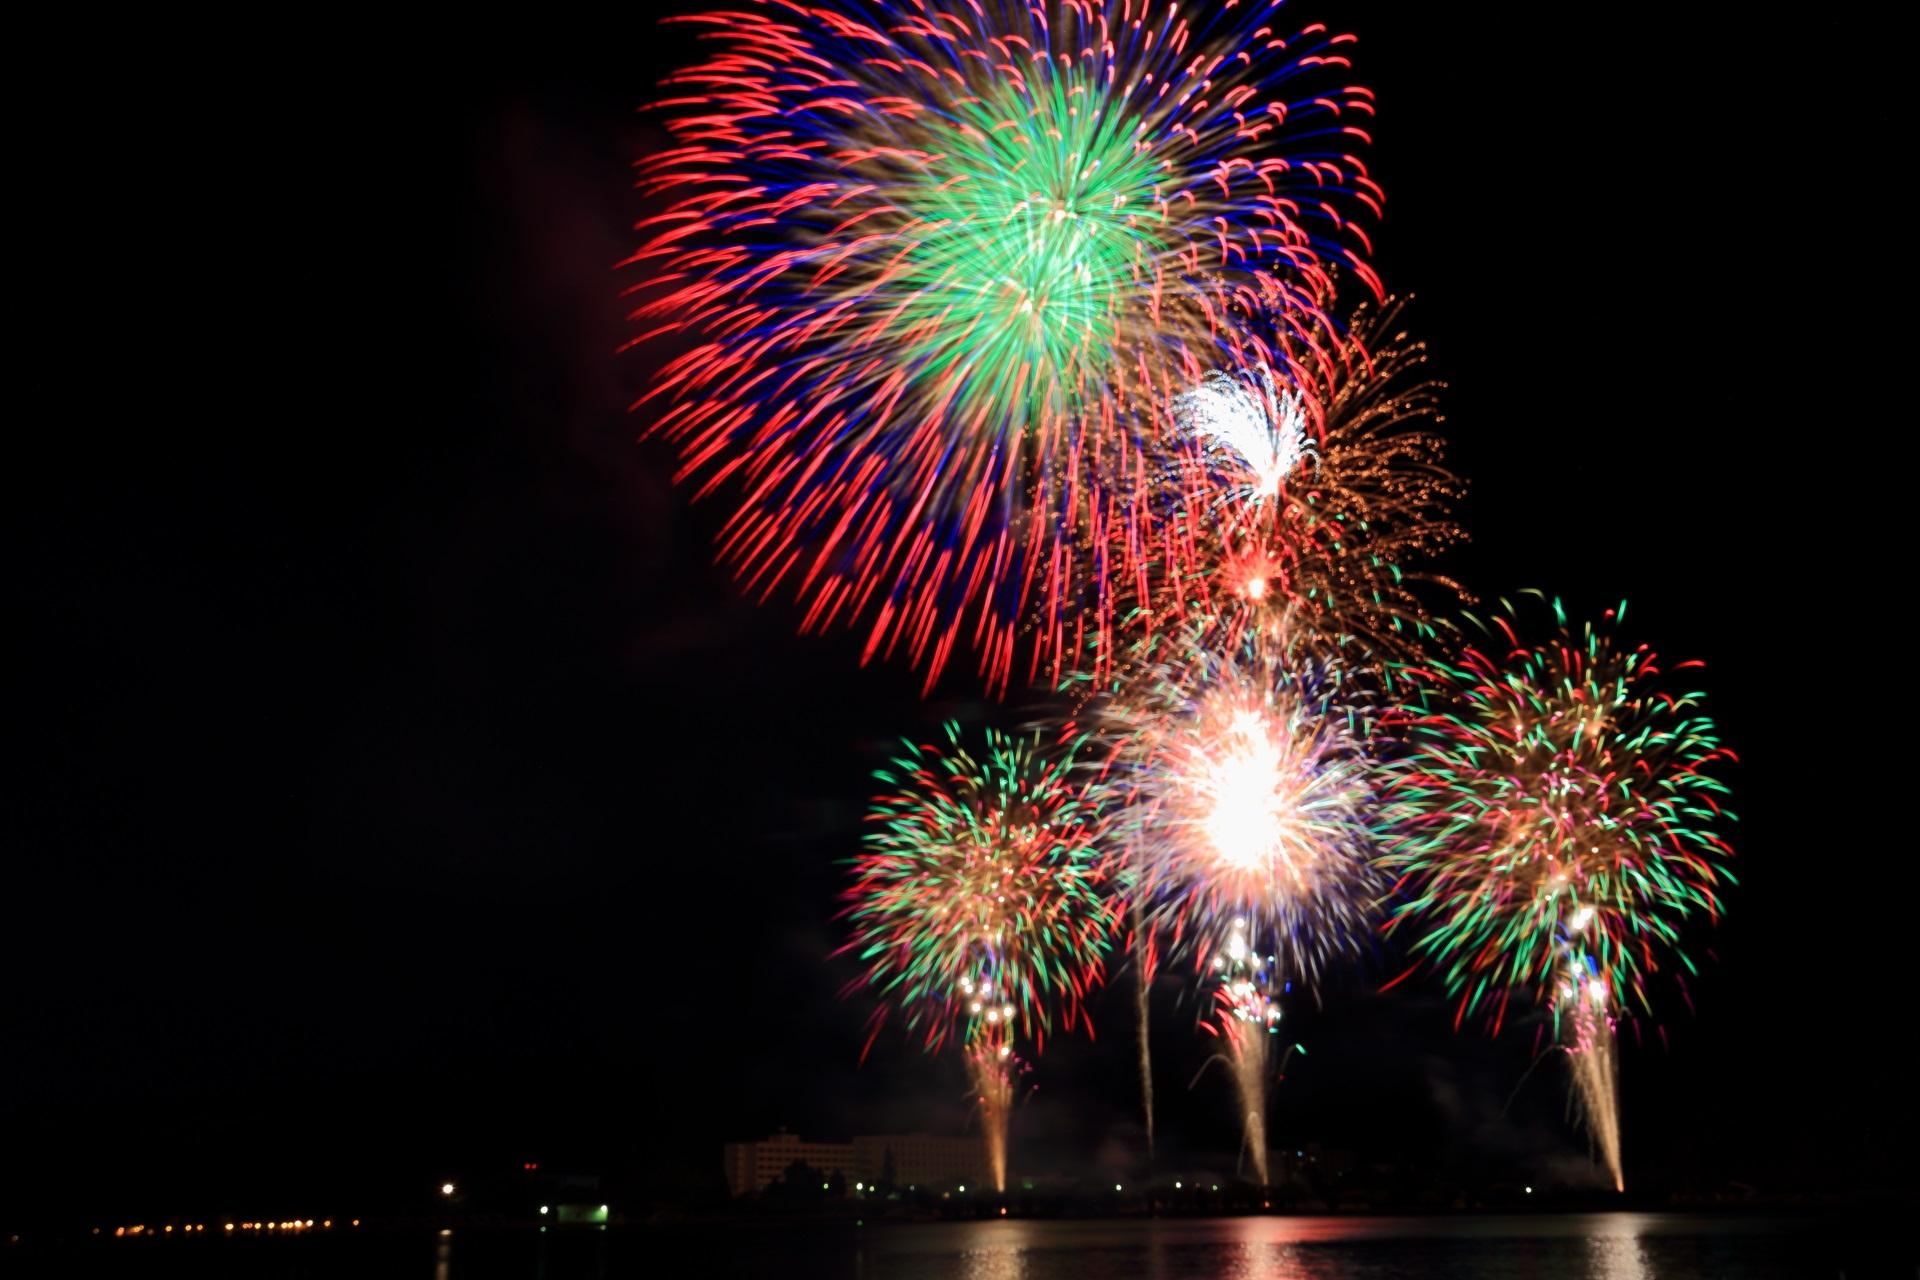 上と下で打ち上がる舞鶴の赤と緑の花火